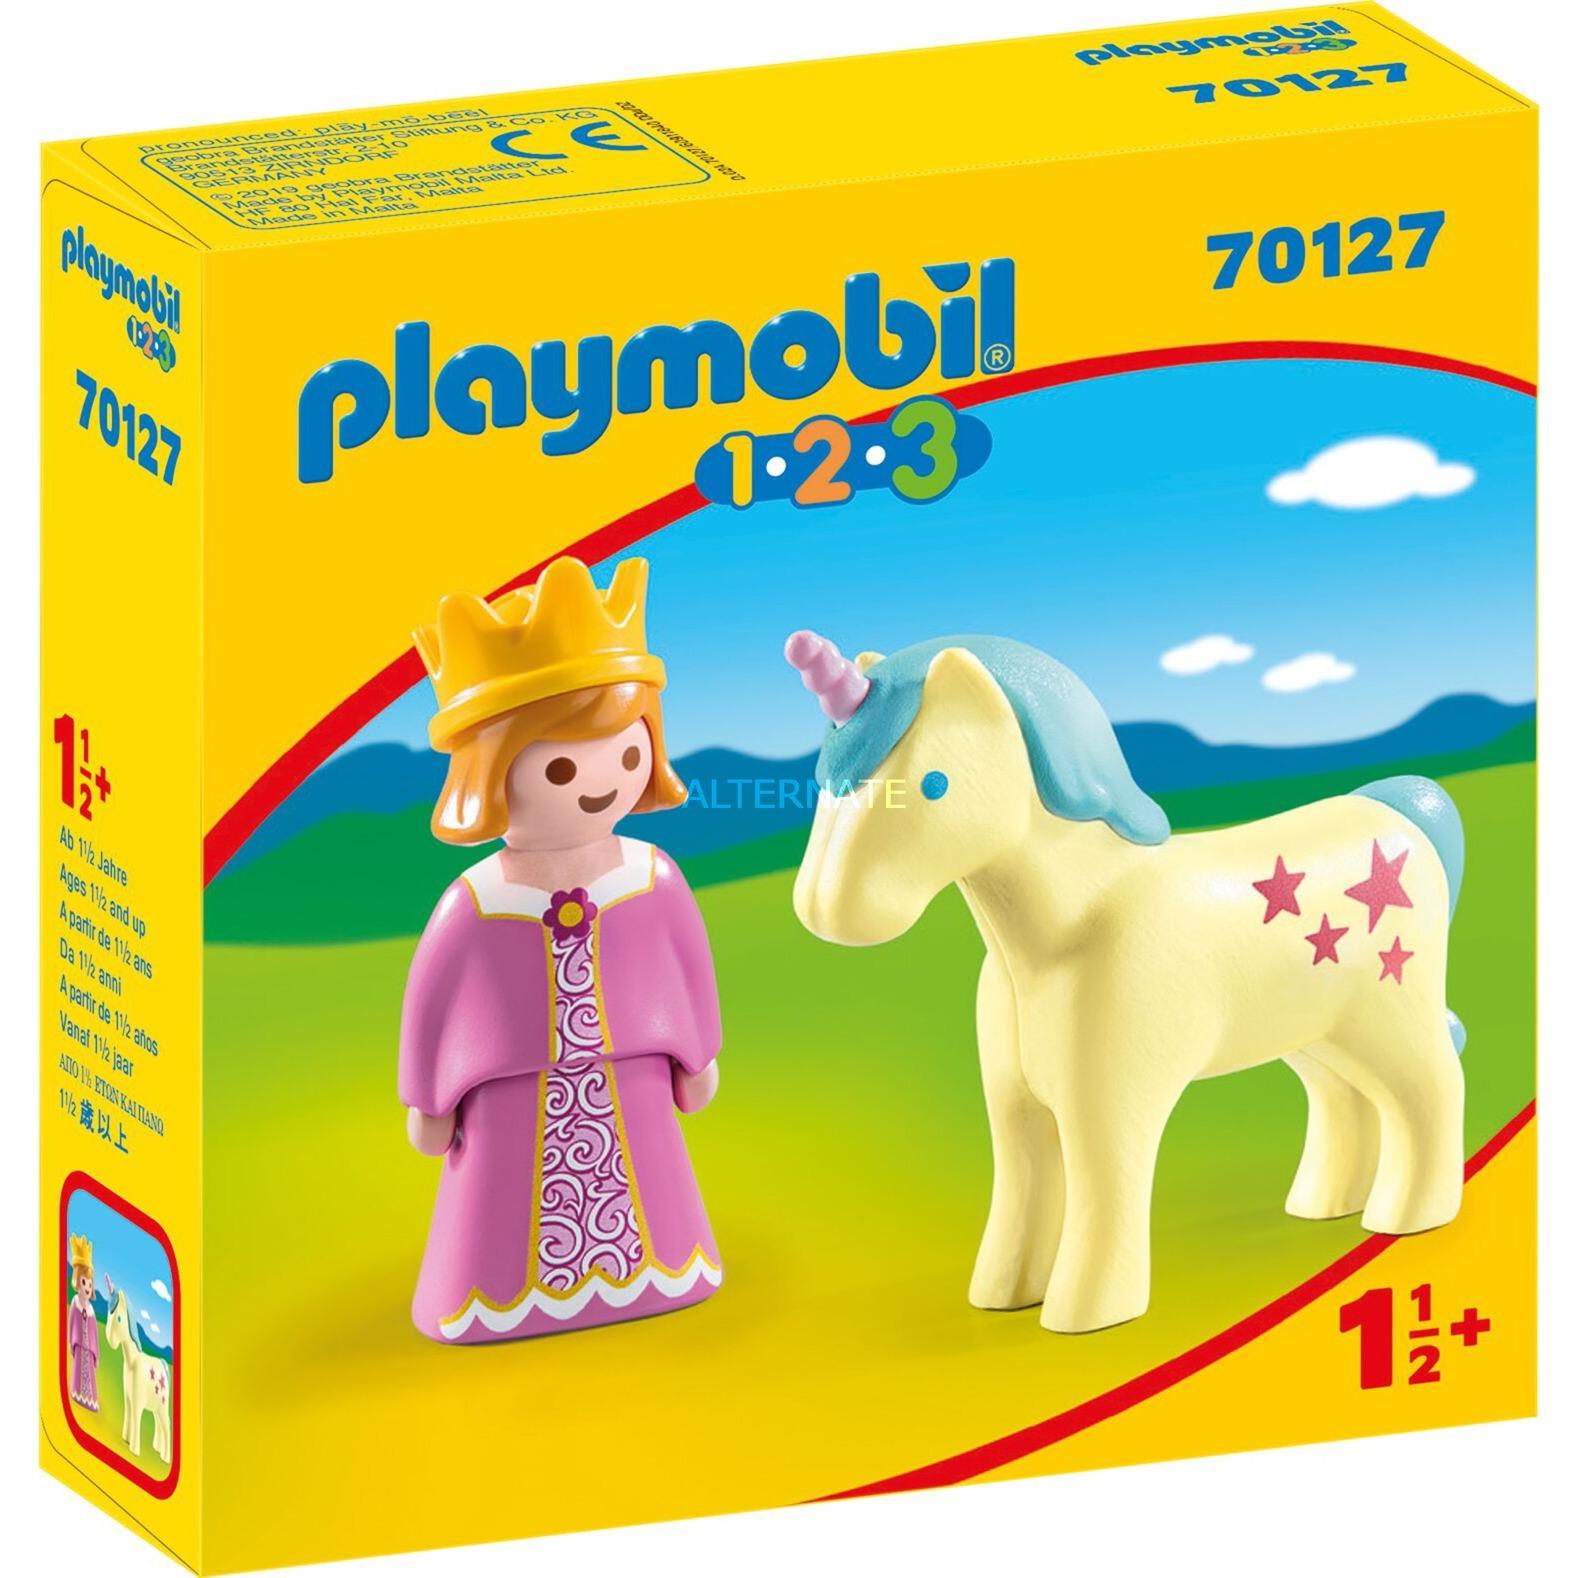 1.2.3 70127 set de juguetes, Juegos de construcción